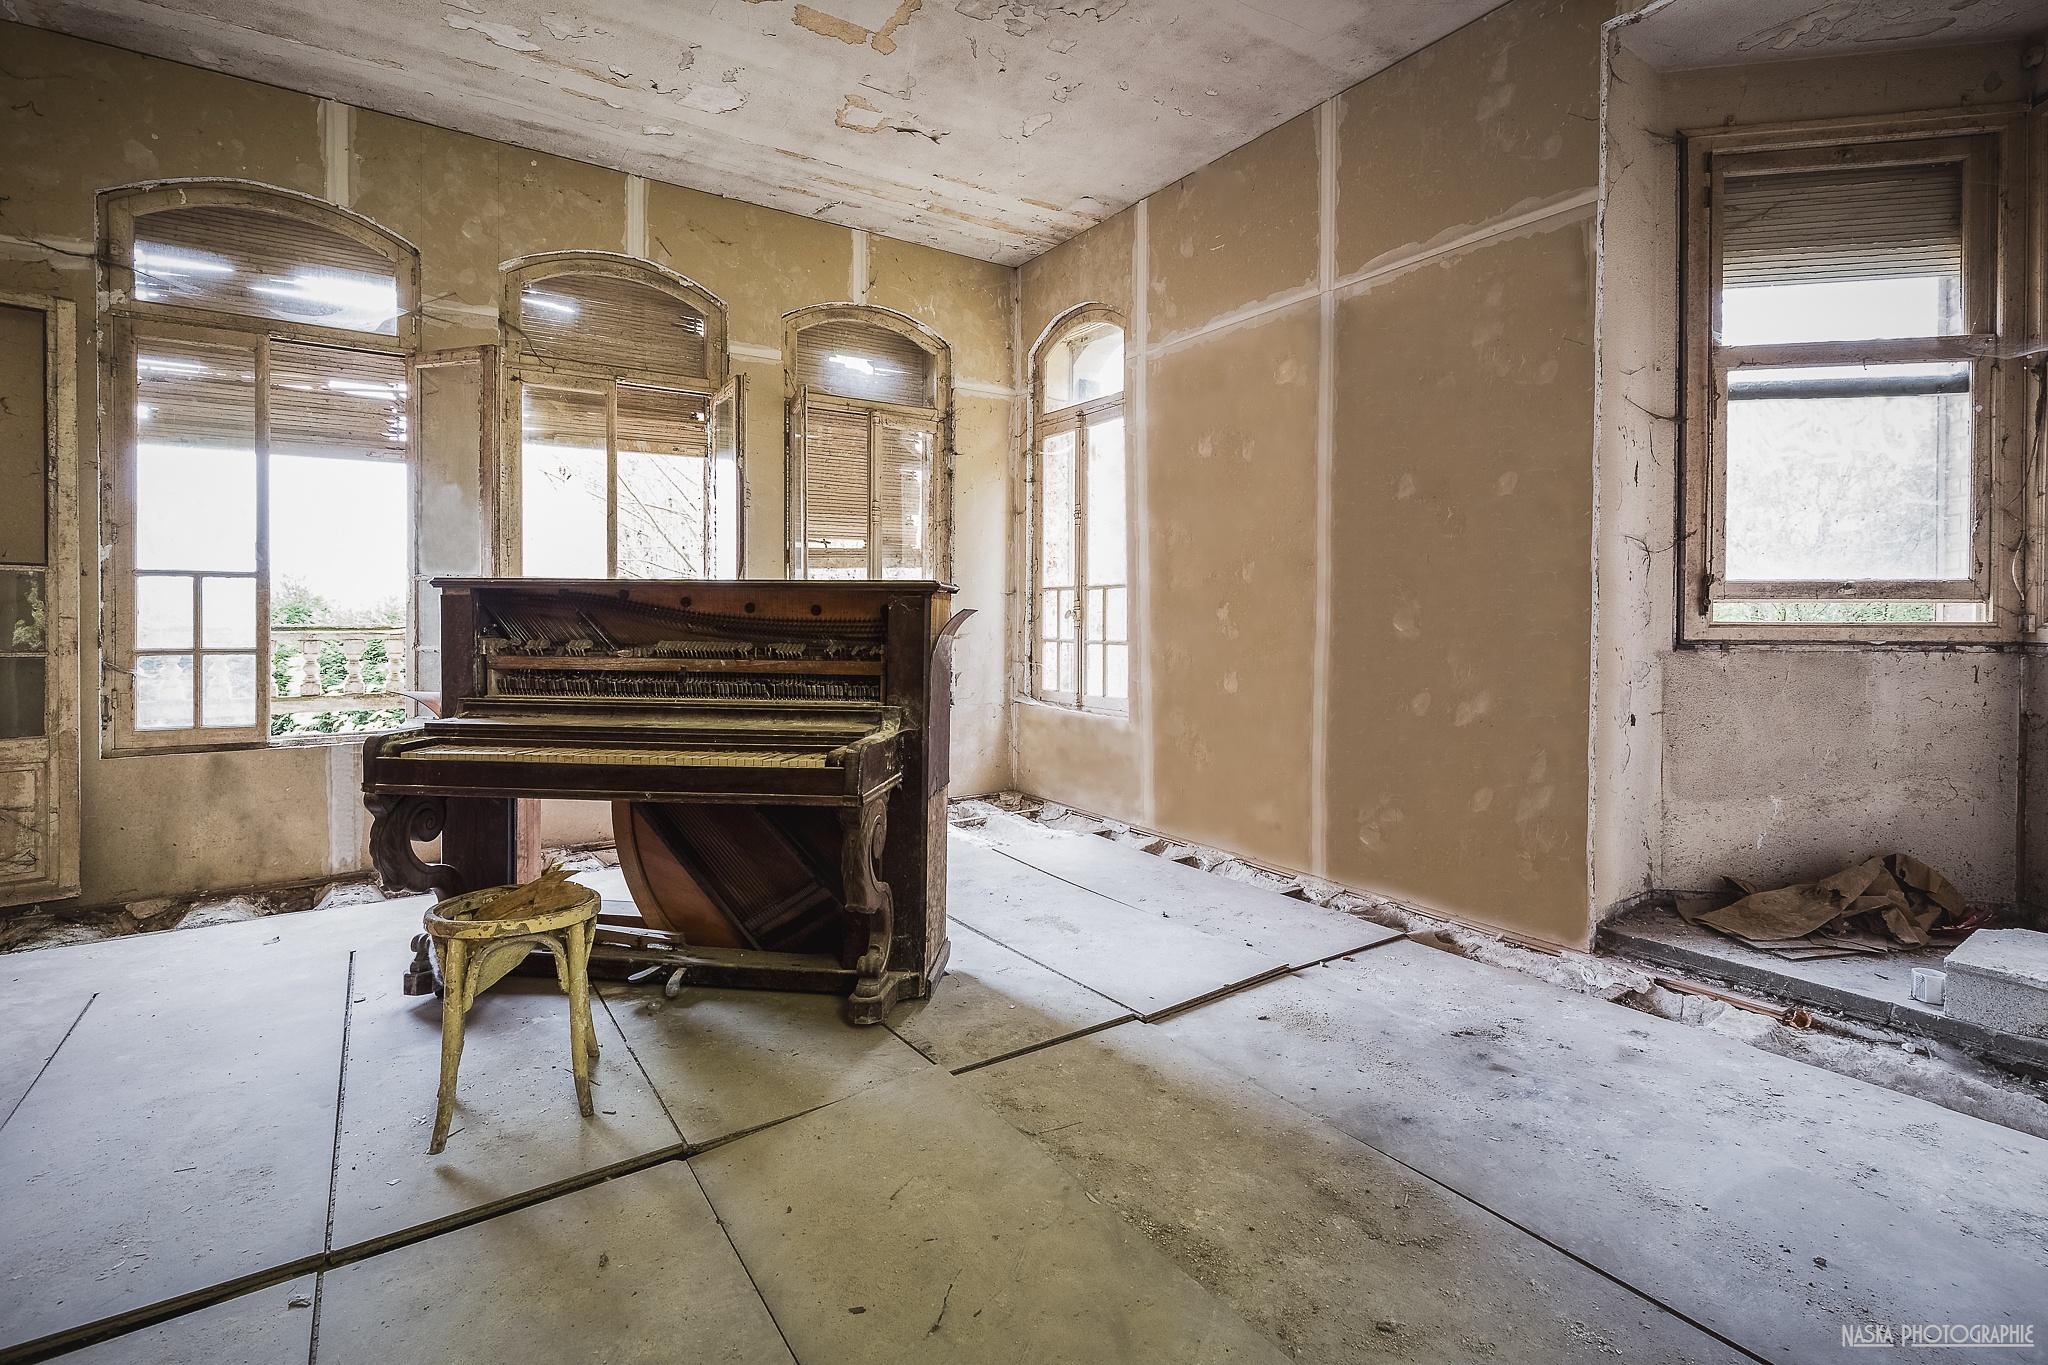 4 mots sur un piano by Naska photographie